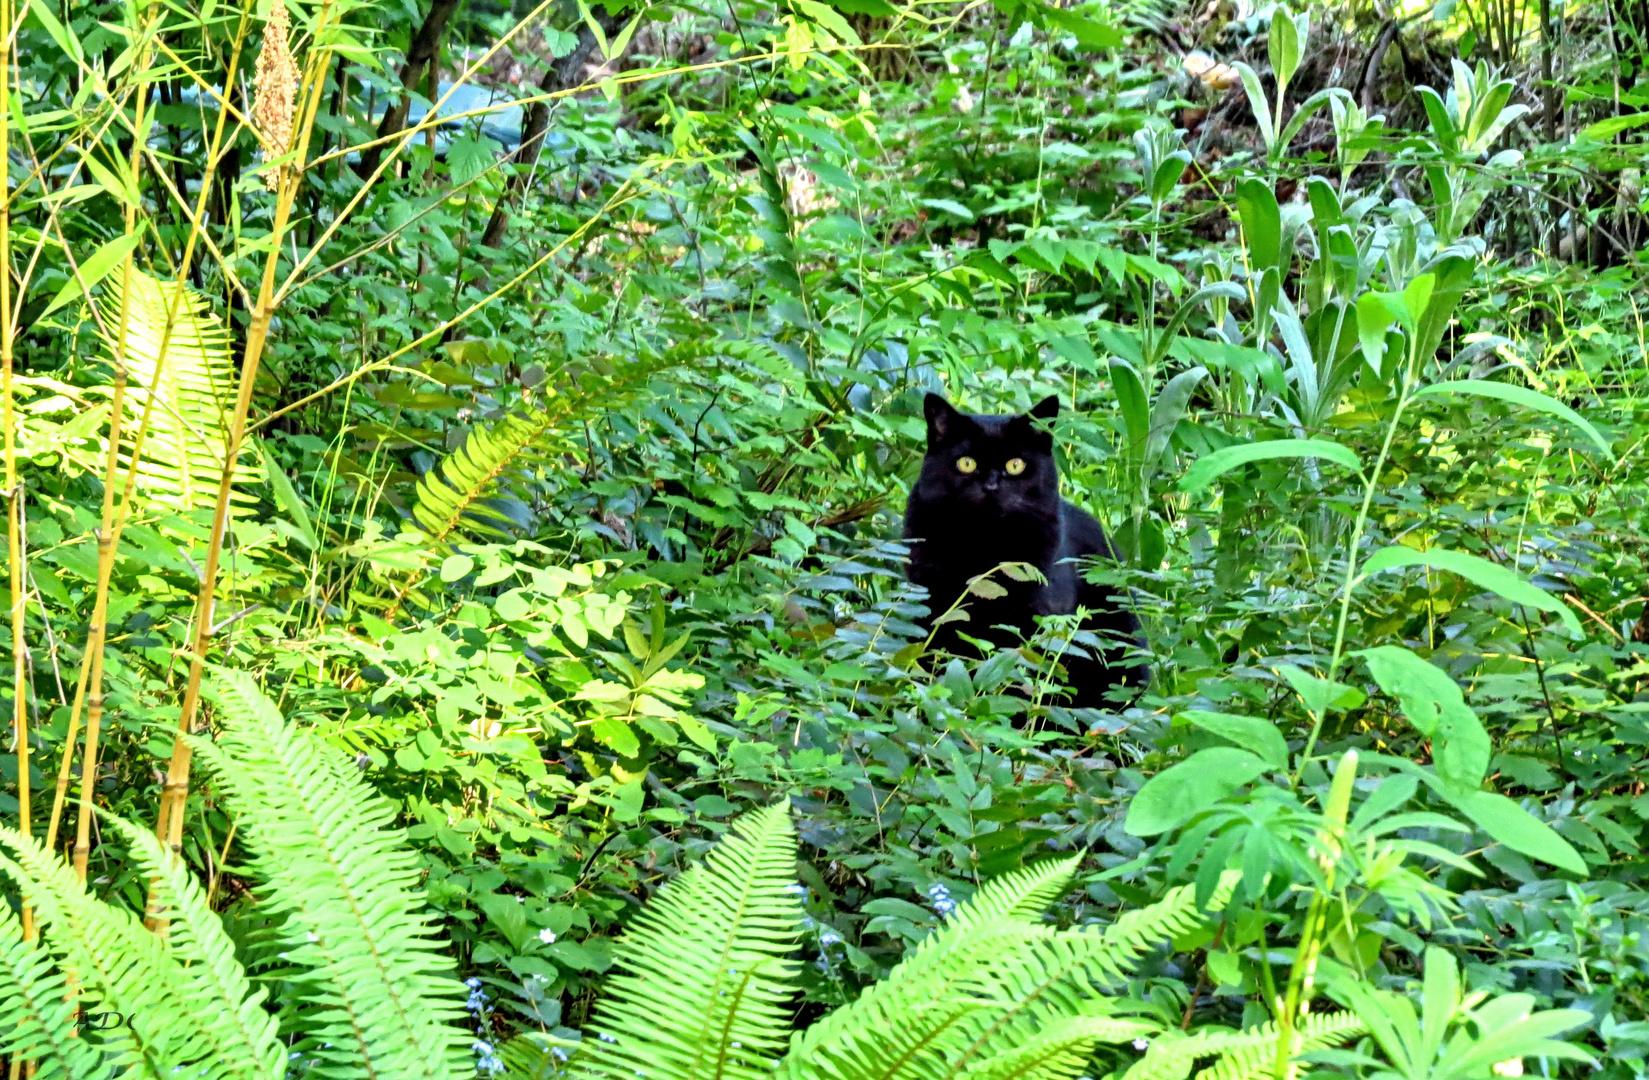 Jungle-Kitty